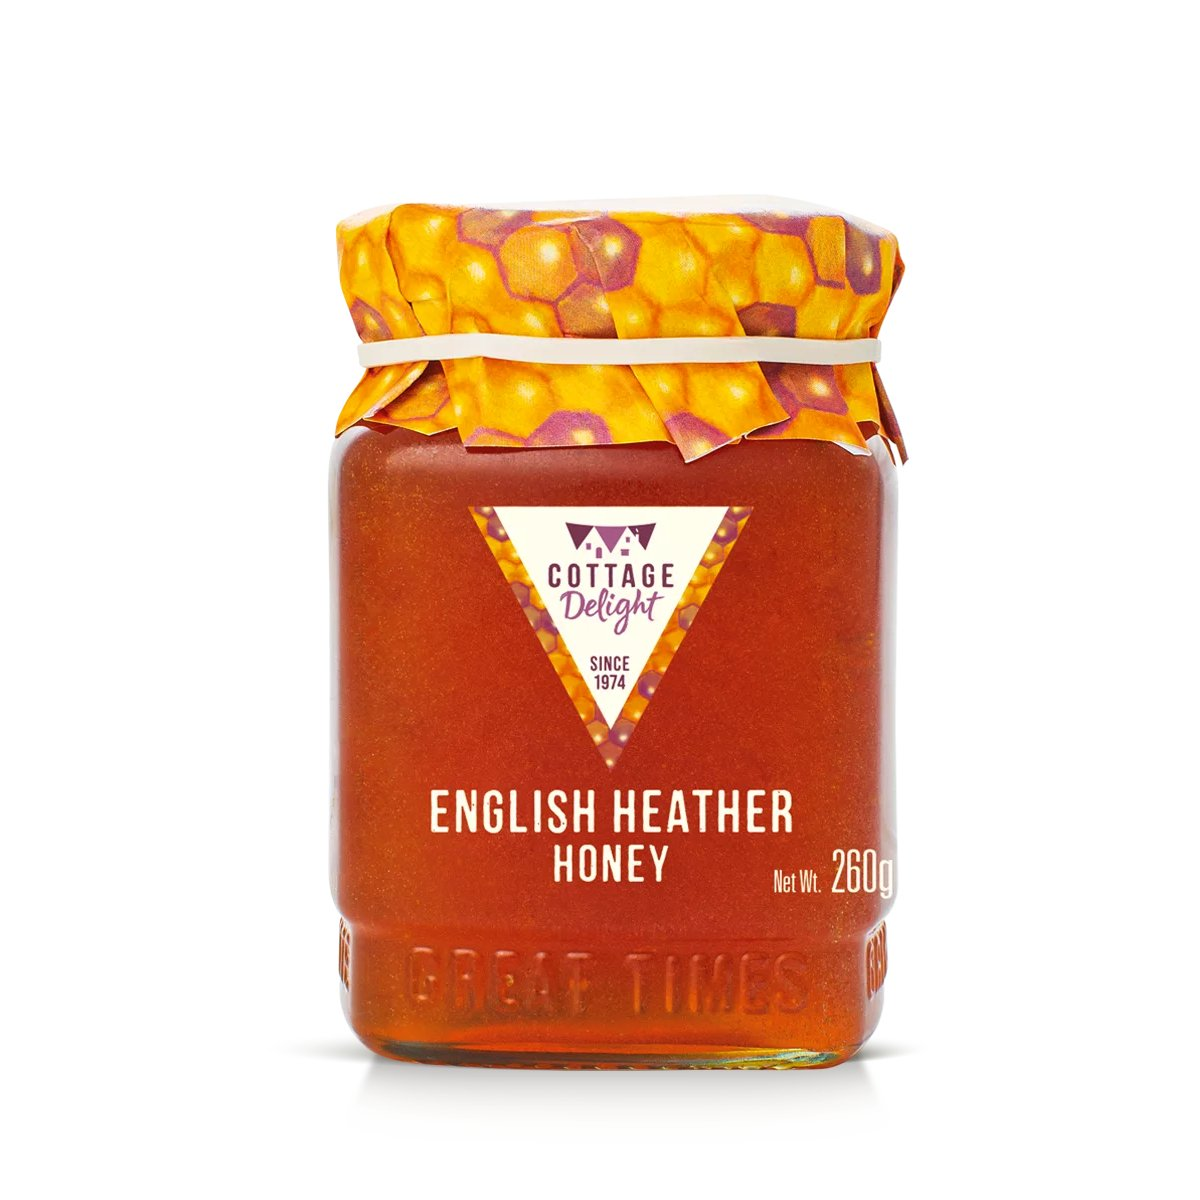 English Heather Honey